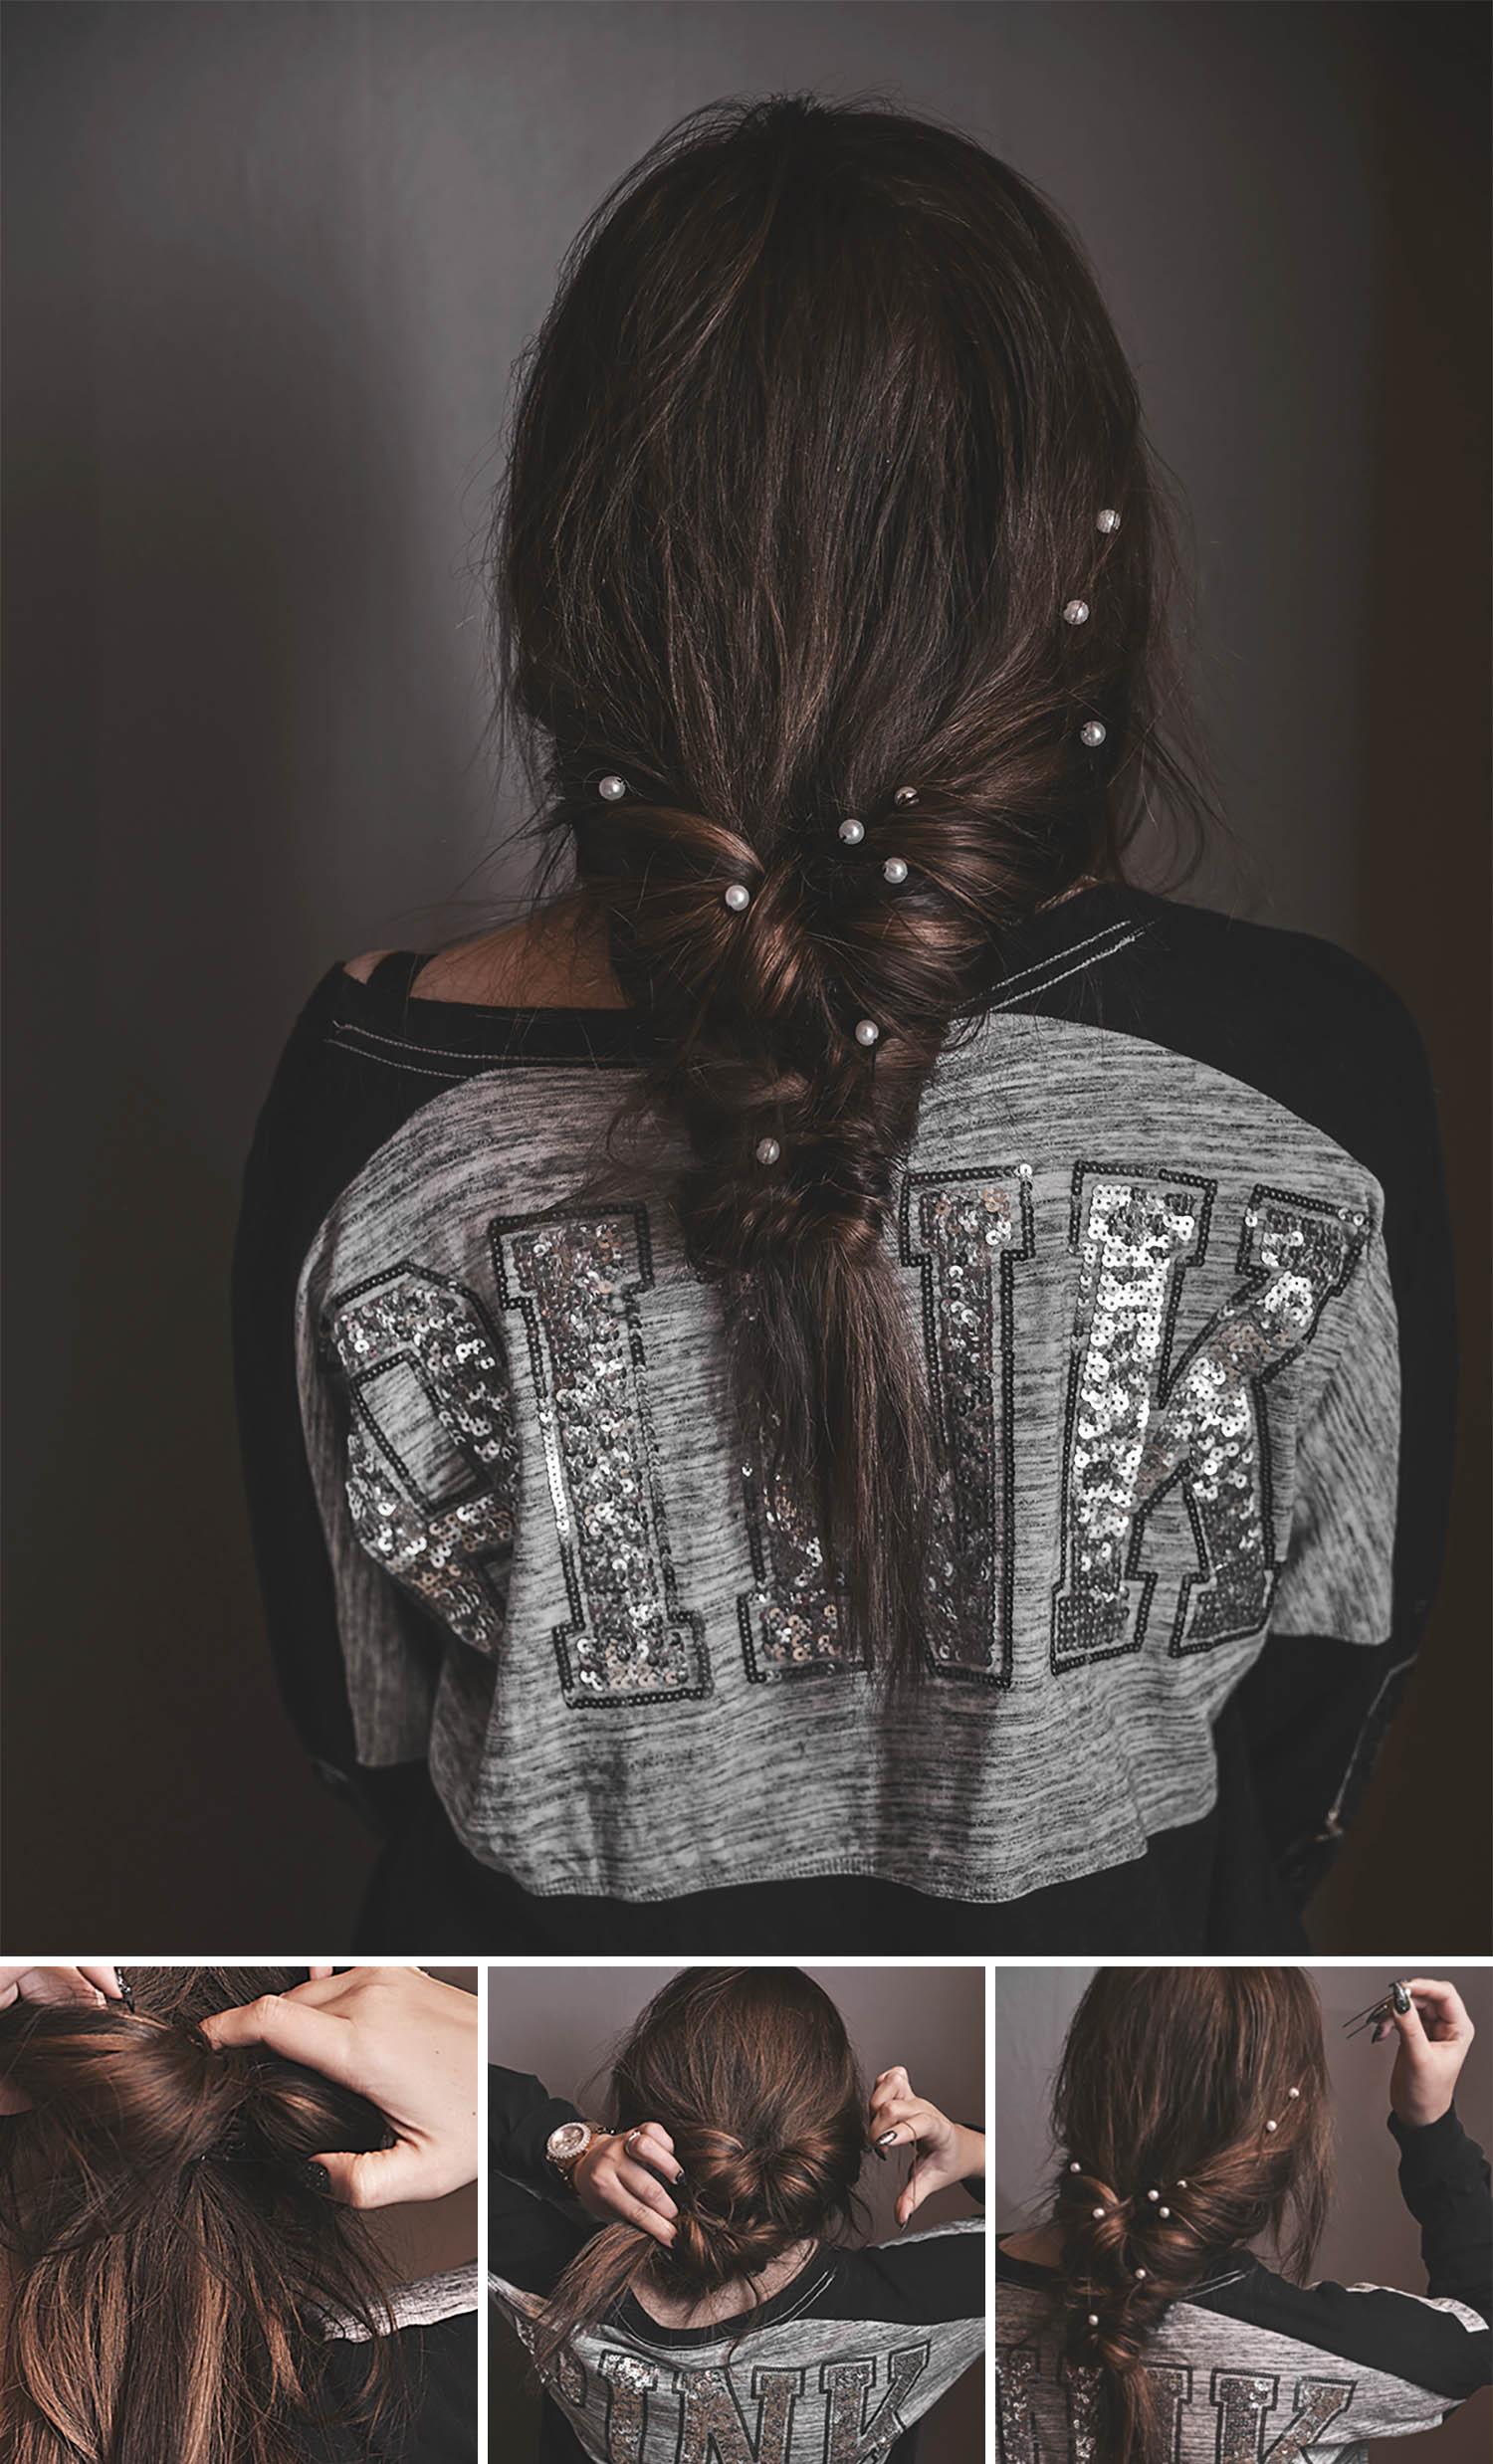 Adaras enkla och snygga frisyrer: Slarvigchic festfrisyr